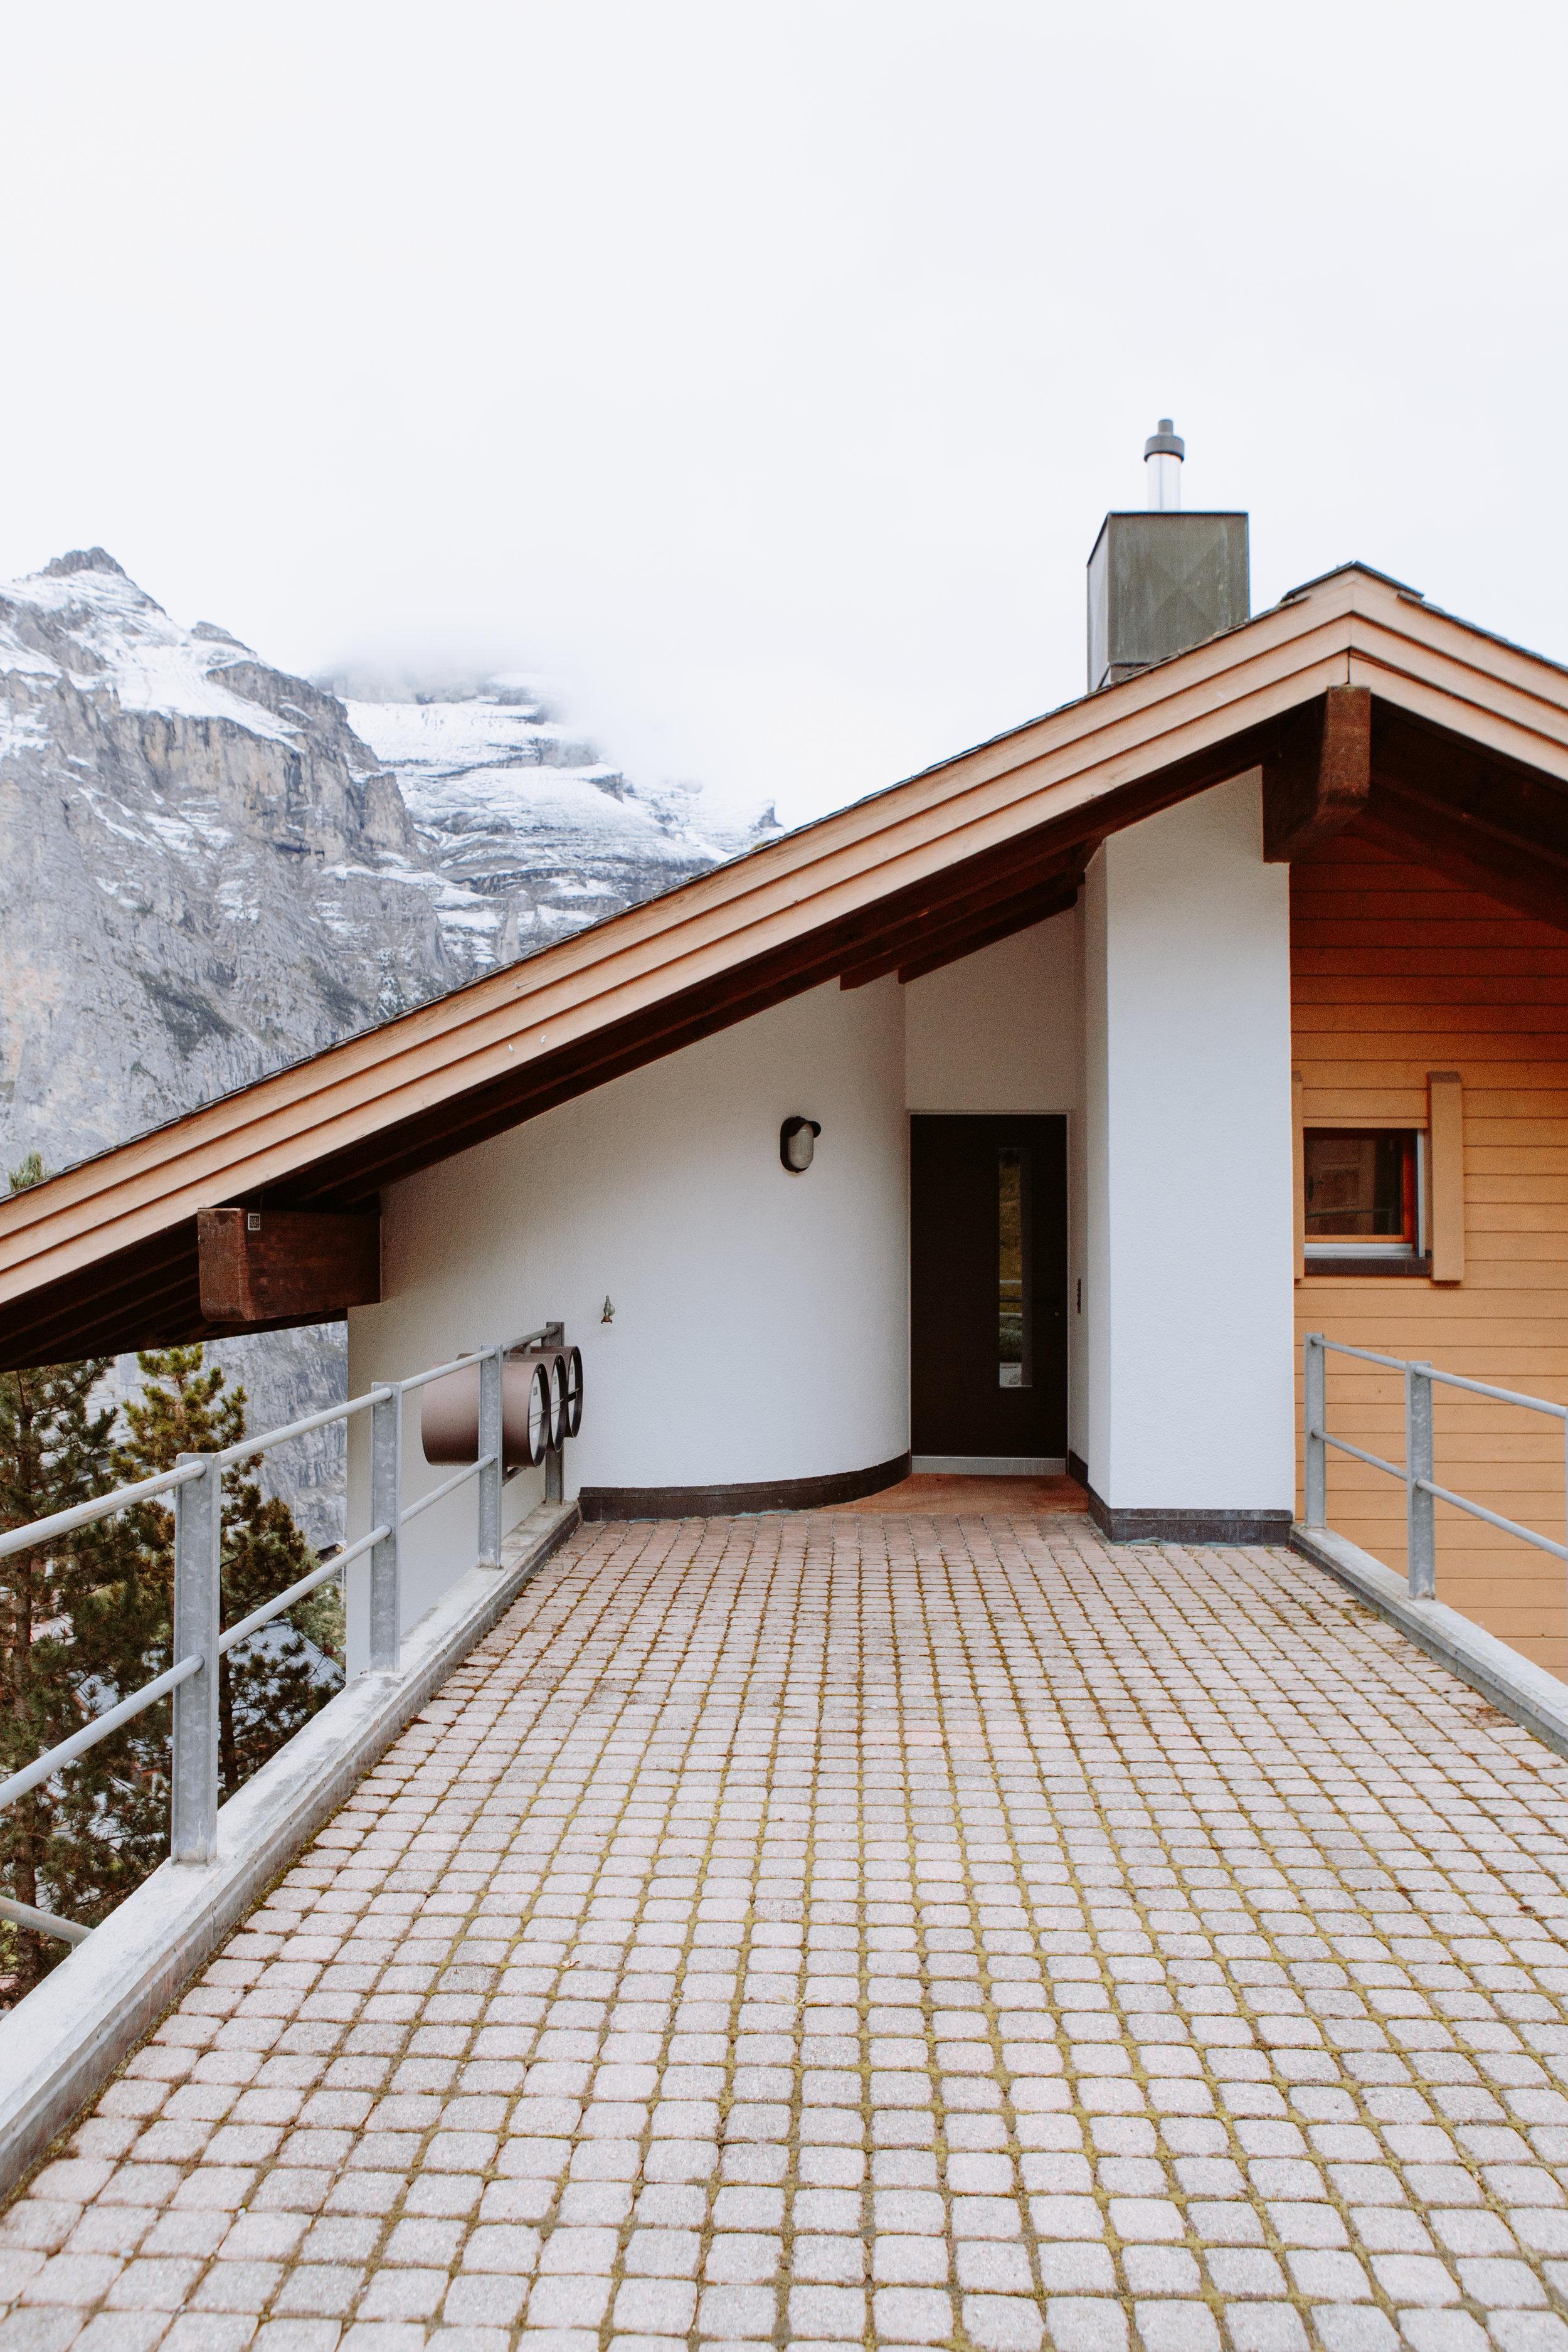 2018_10_Switzerland_1-111-2.jpg